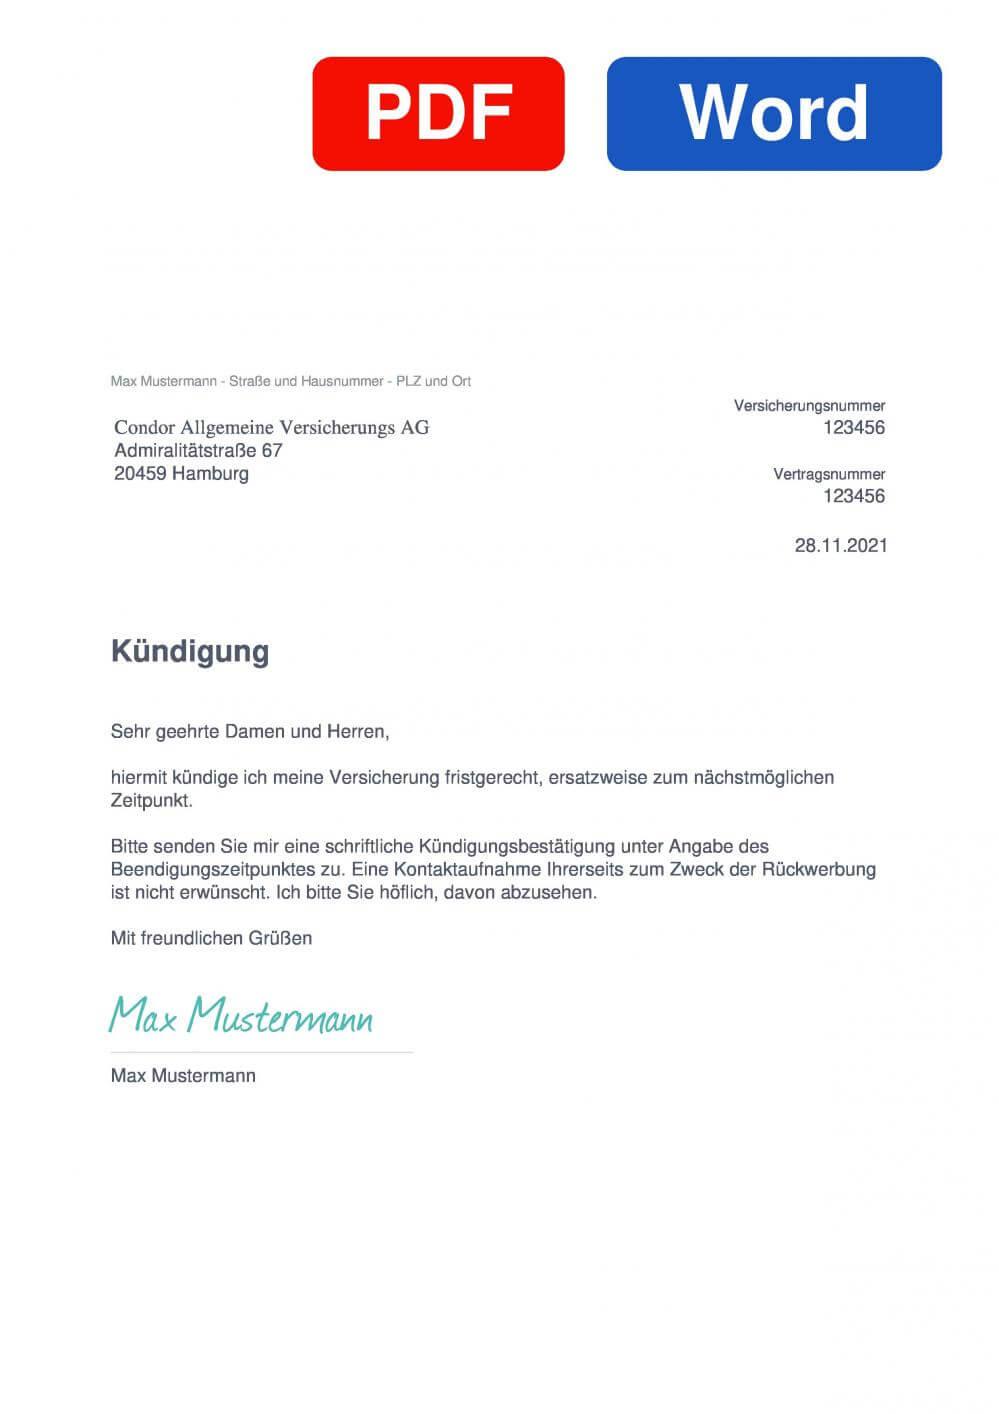 Condor Versicherung Muster Vorlage für Kündigungsschreiben